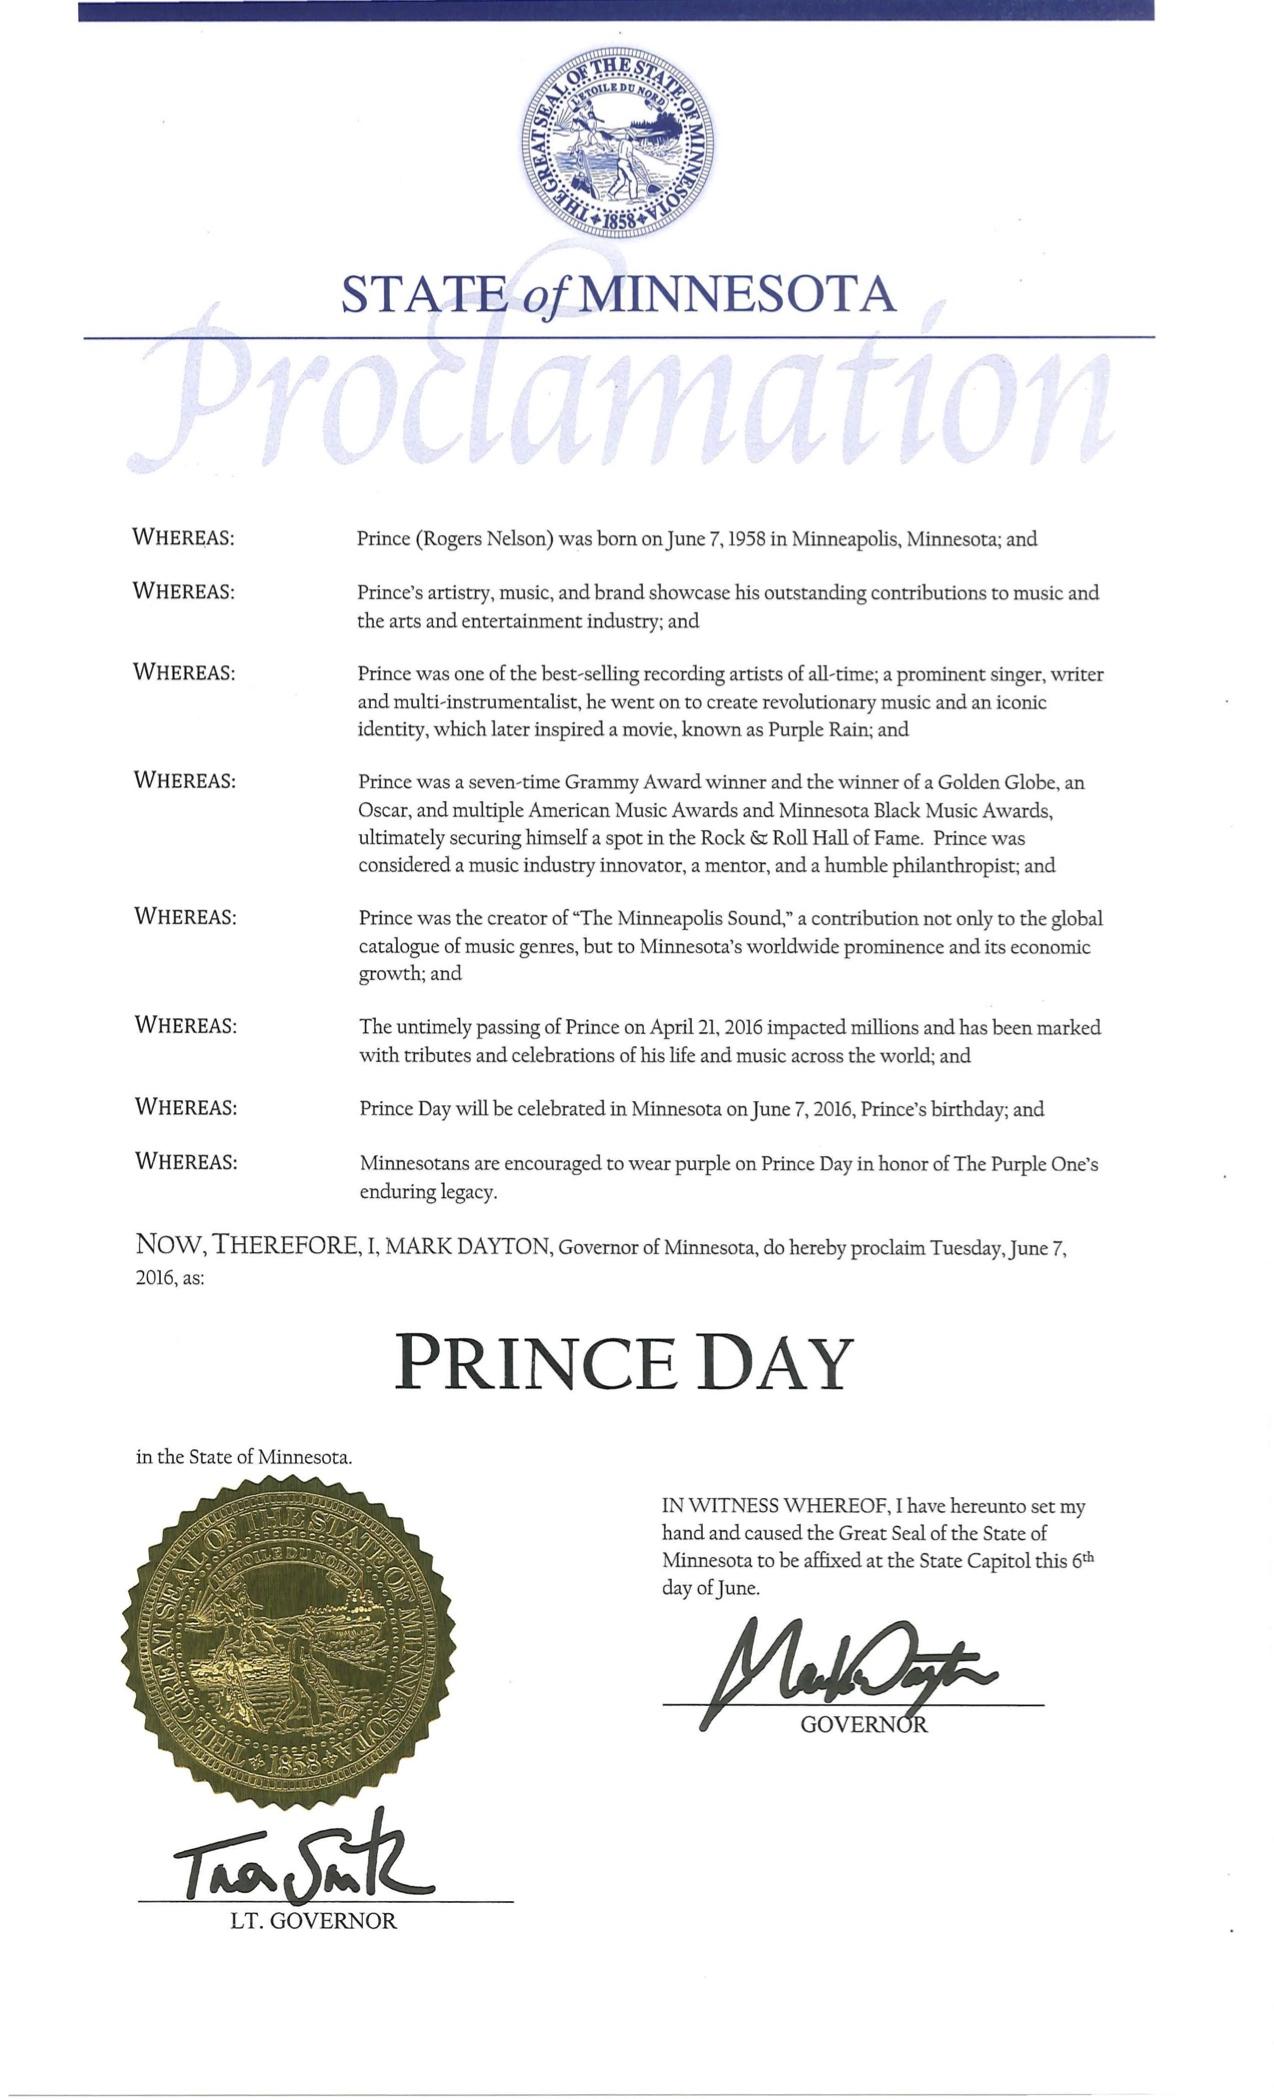 2016_06_06_Prince_Day_tcm1055-244331